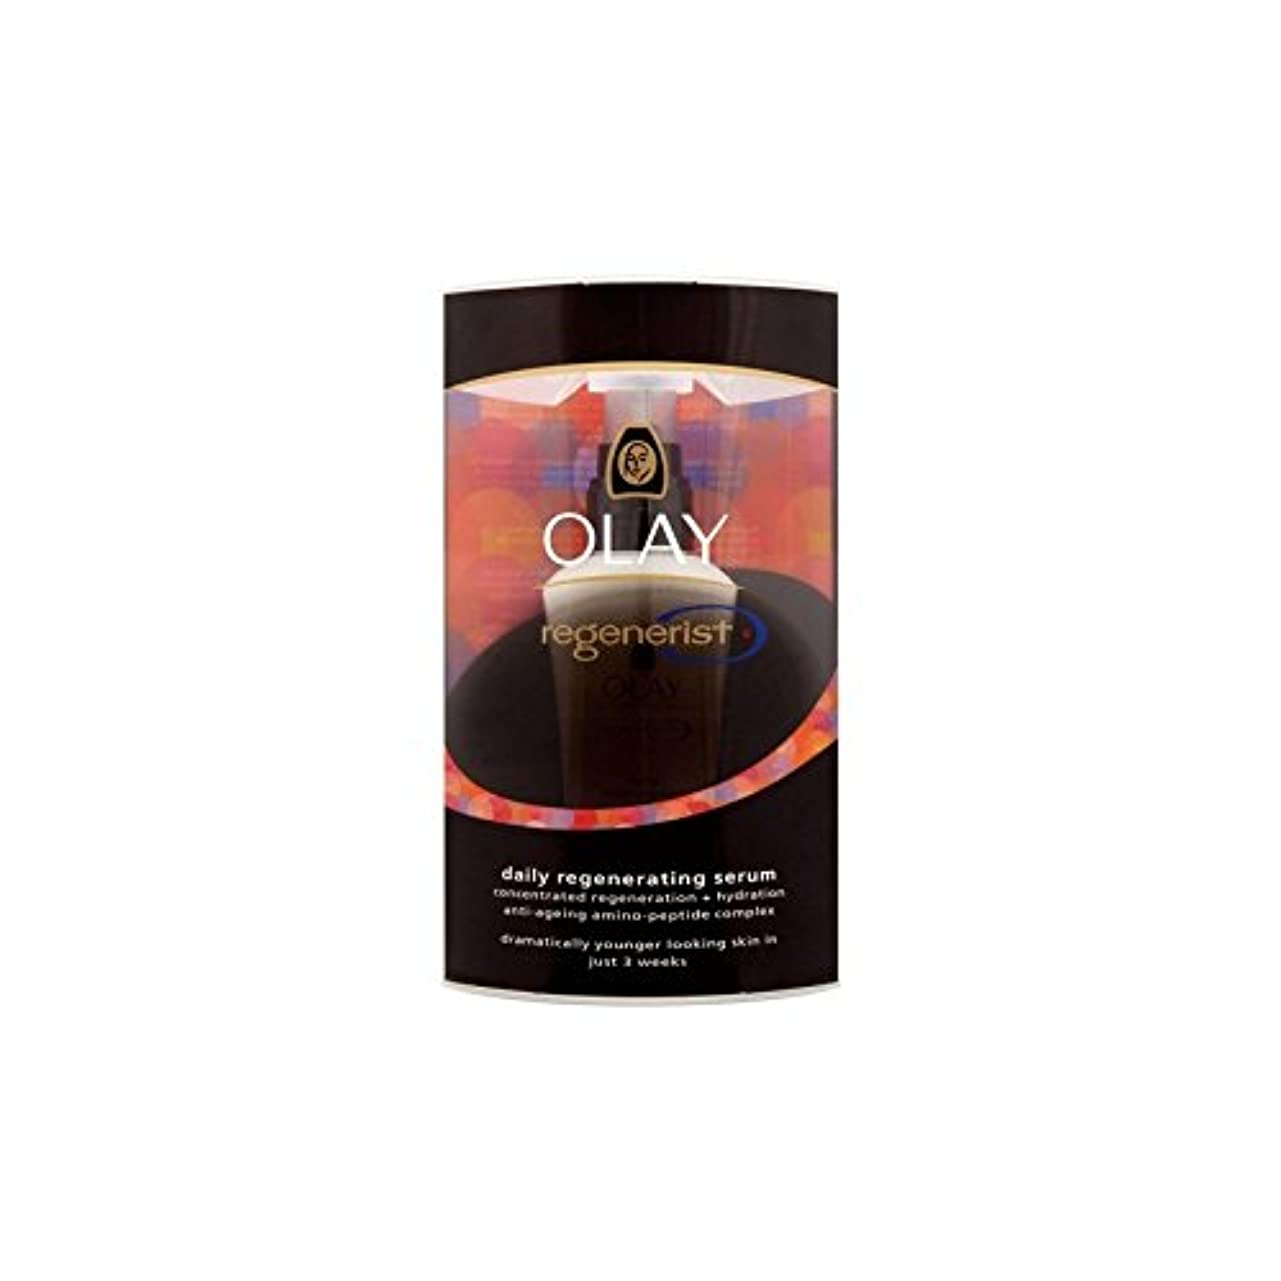 スチュアート島先駆者コンペオーレイリジェネ血清(無香料)(50ミリリットル) x2 - Olay Regenerist Serum (Fragrance Free) (50ml) (Pack of 2) [並行輸入品]